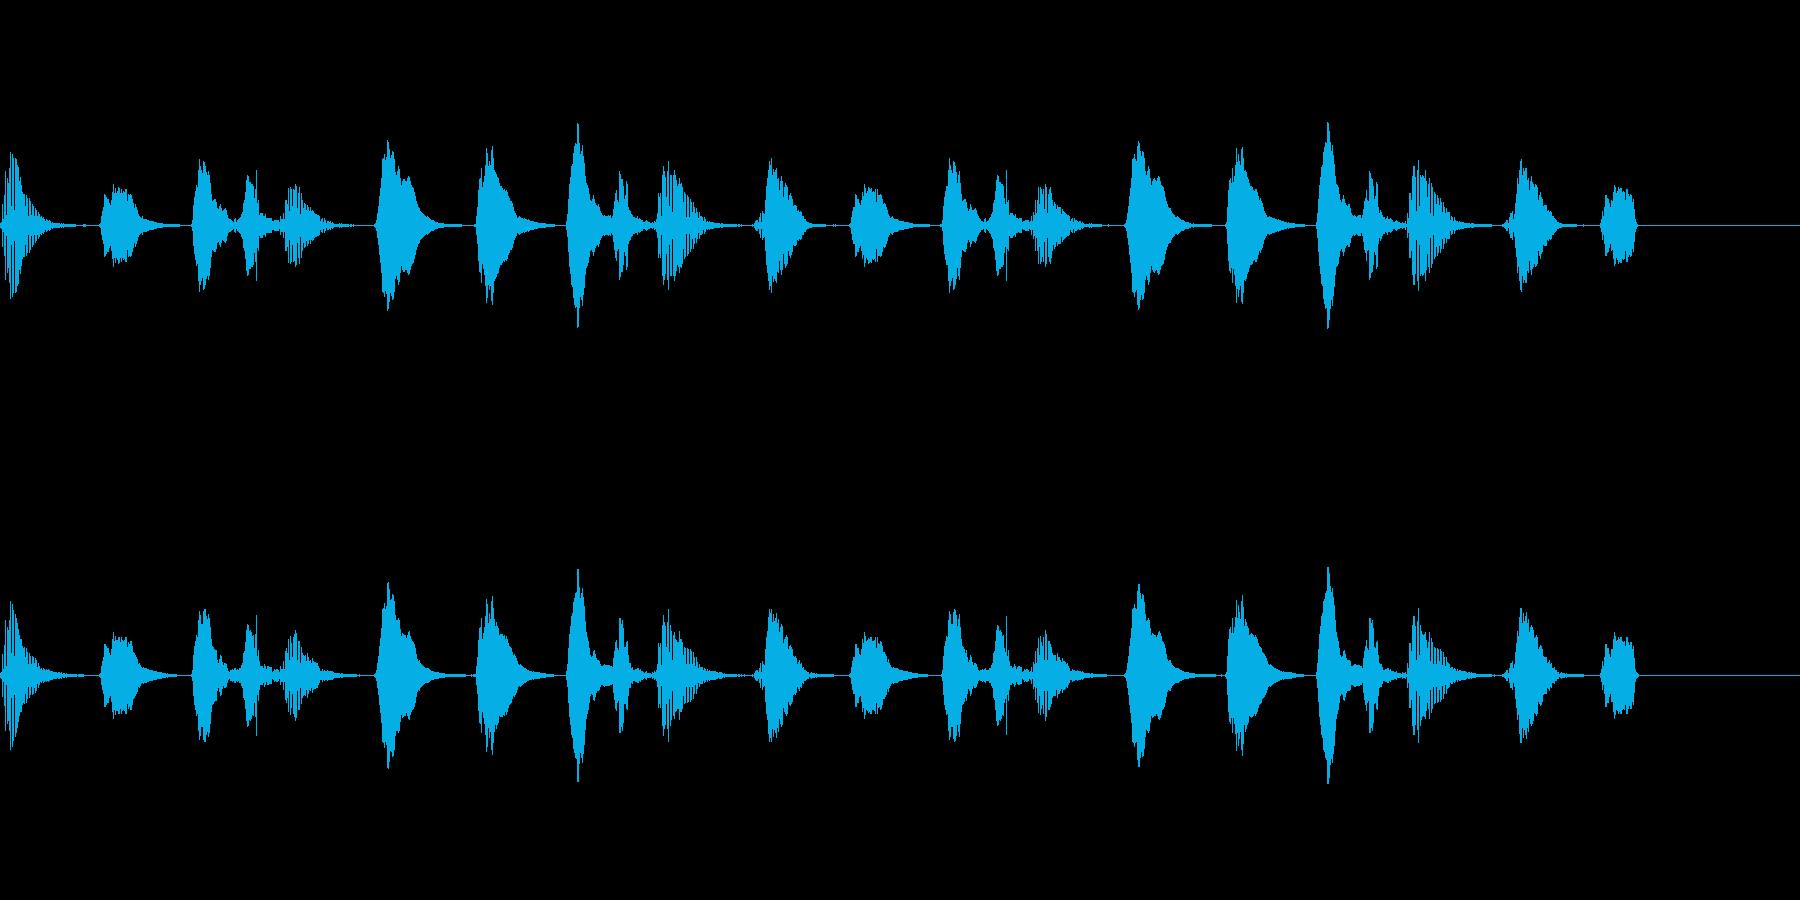 【SE 効果音】ラッパの再生済みの波形